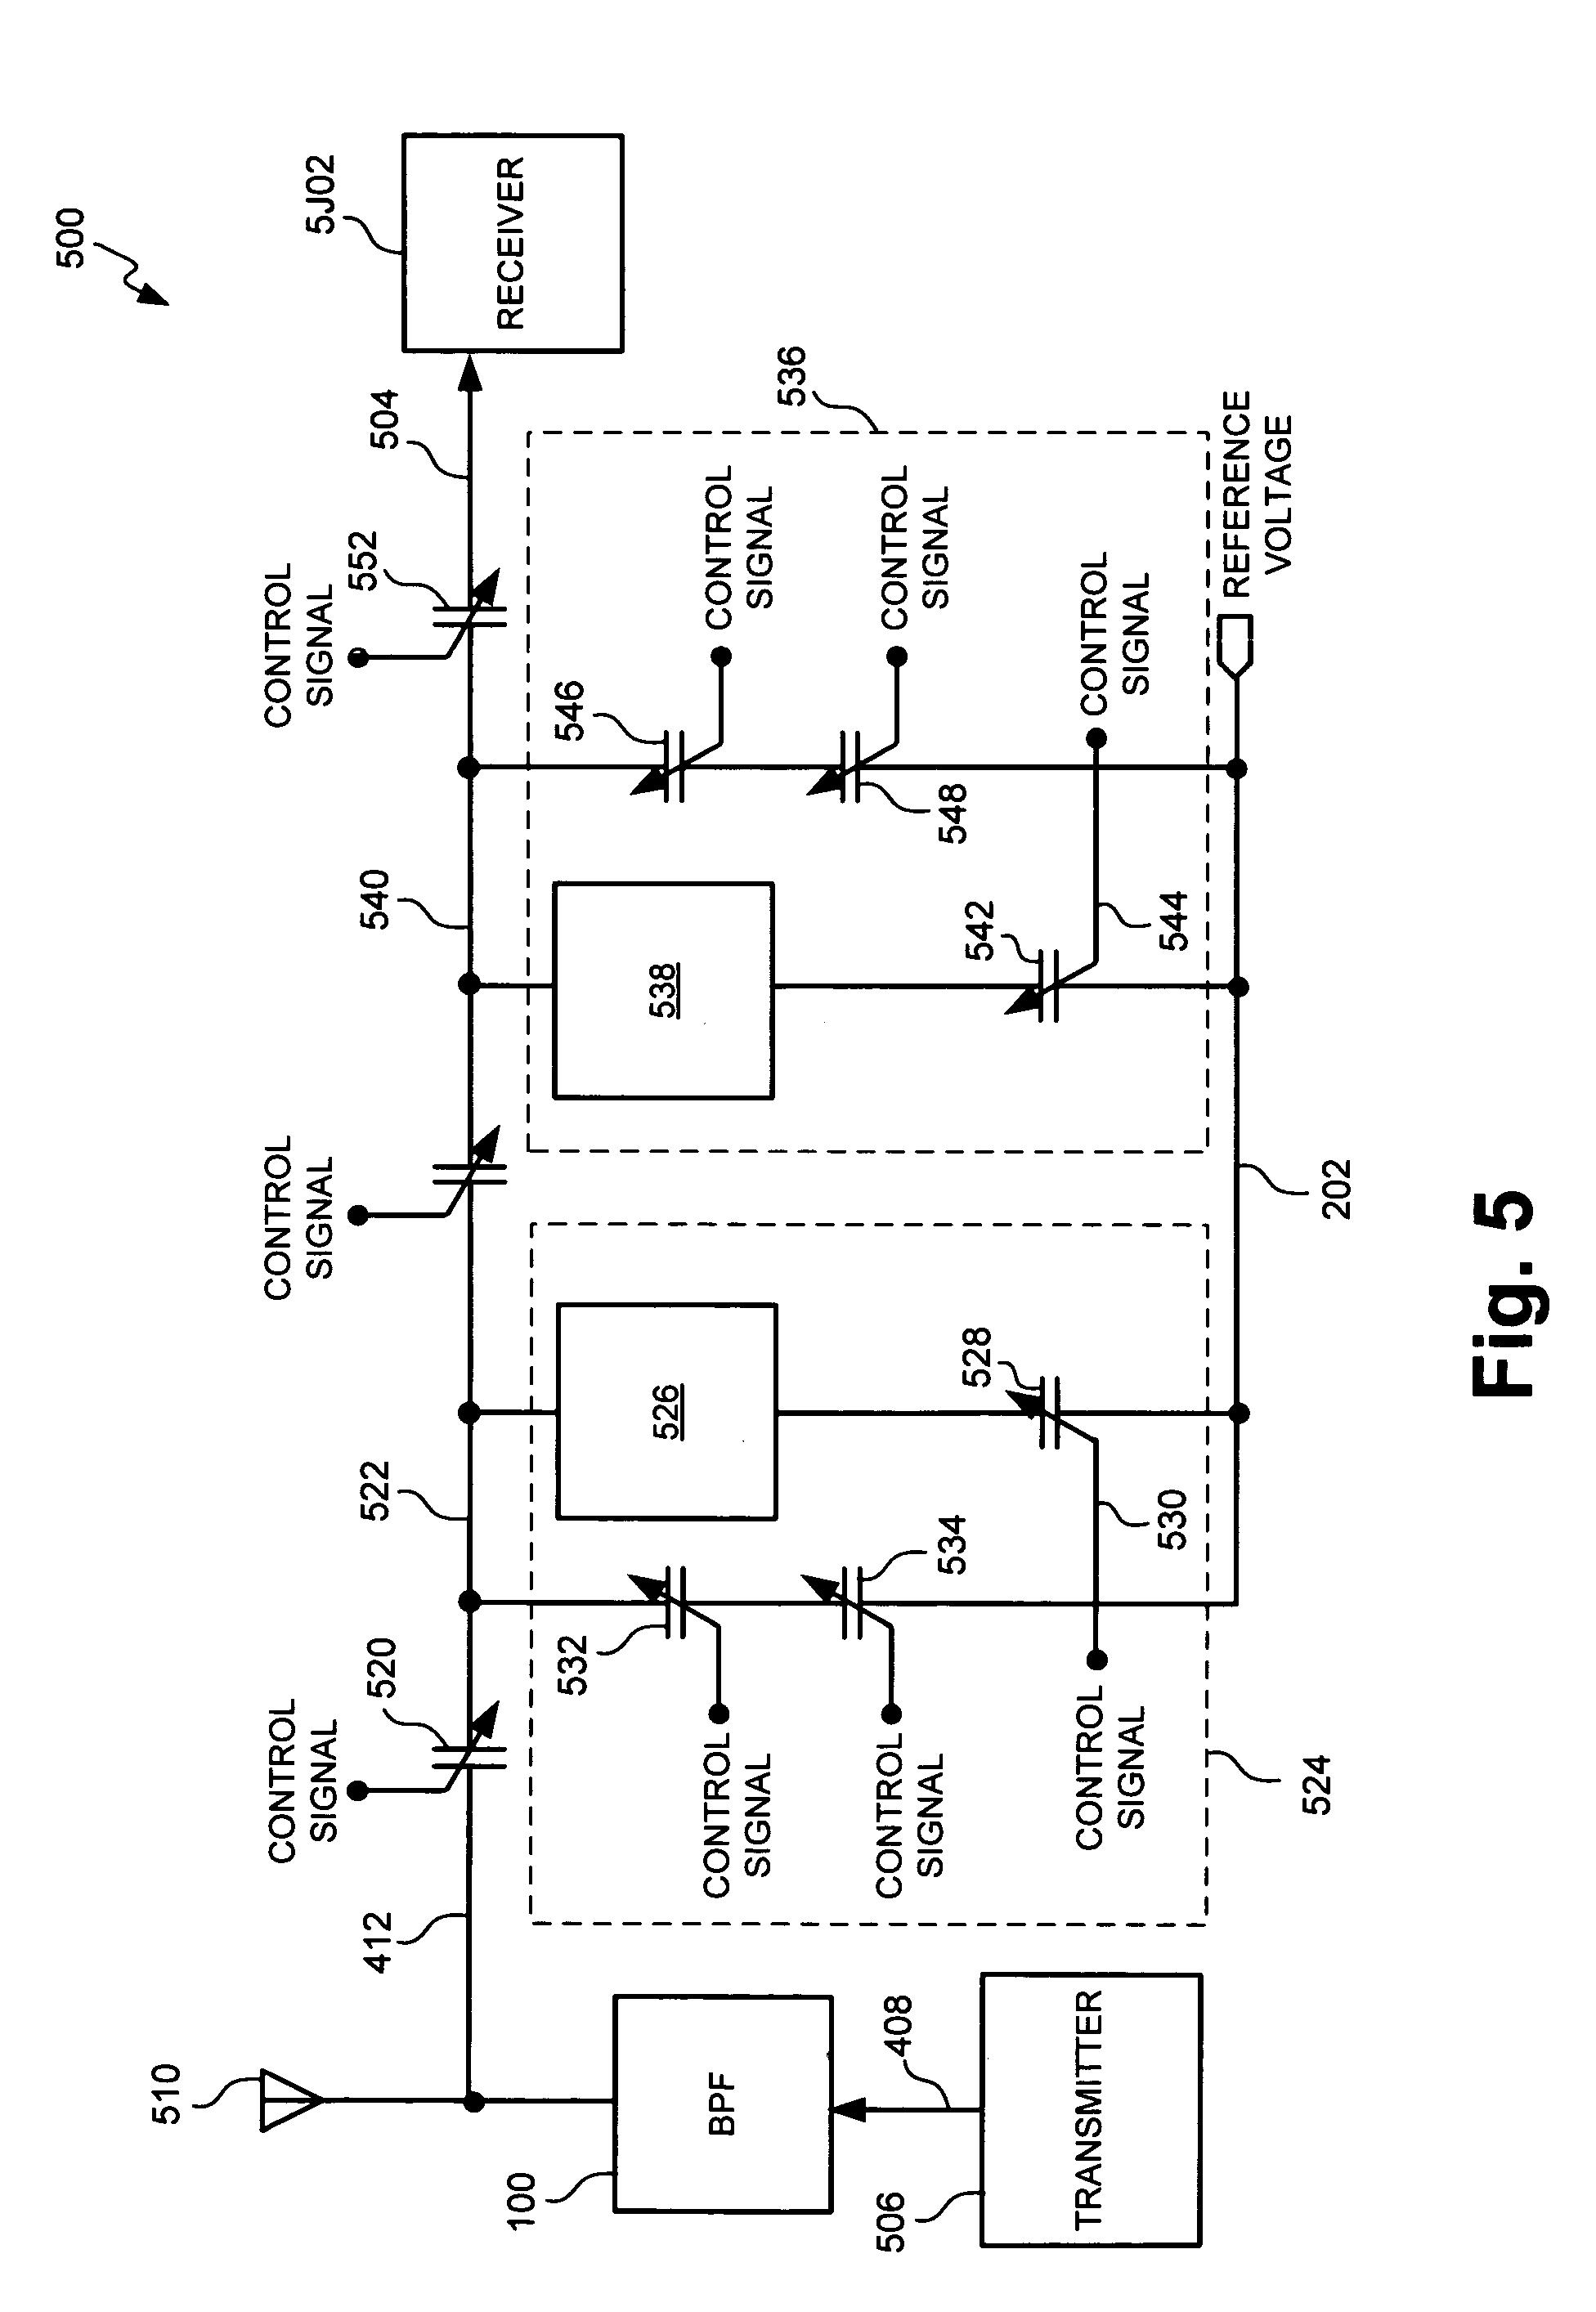 patent us7174147